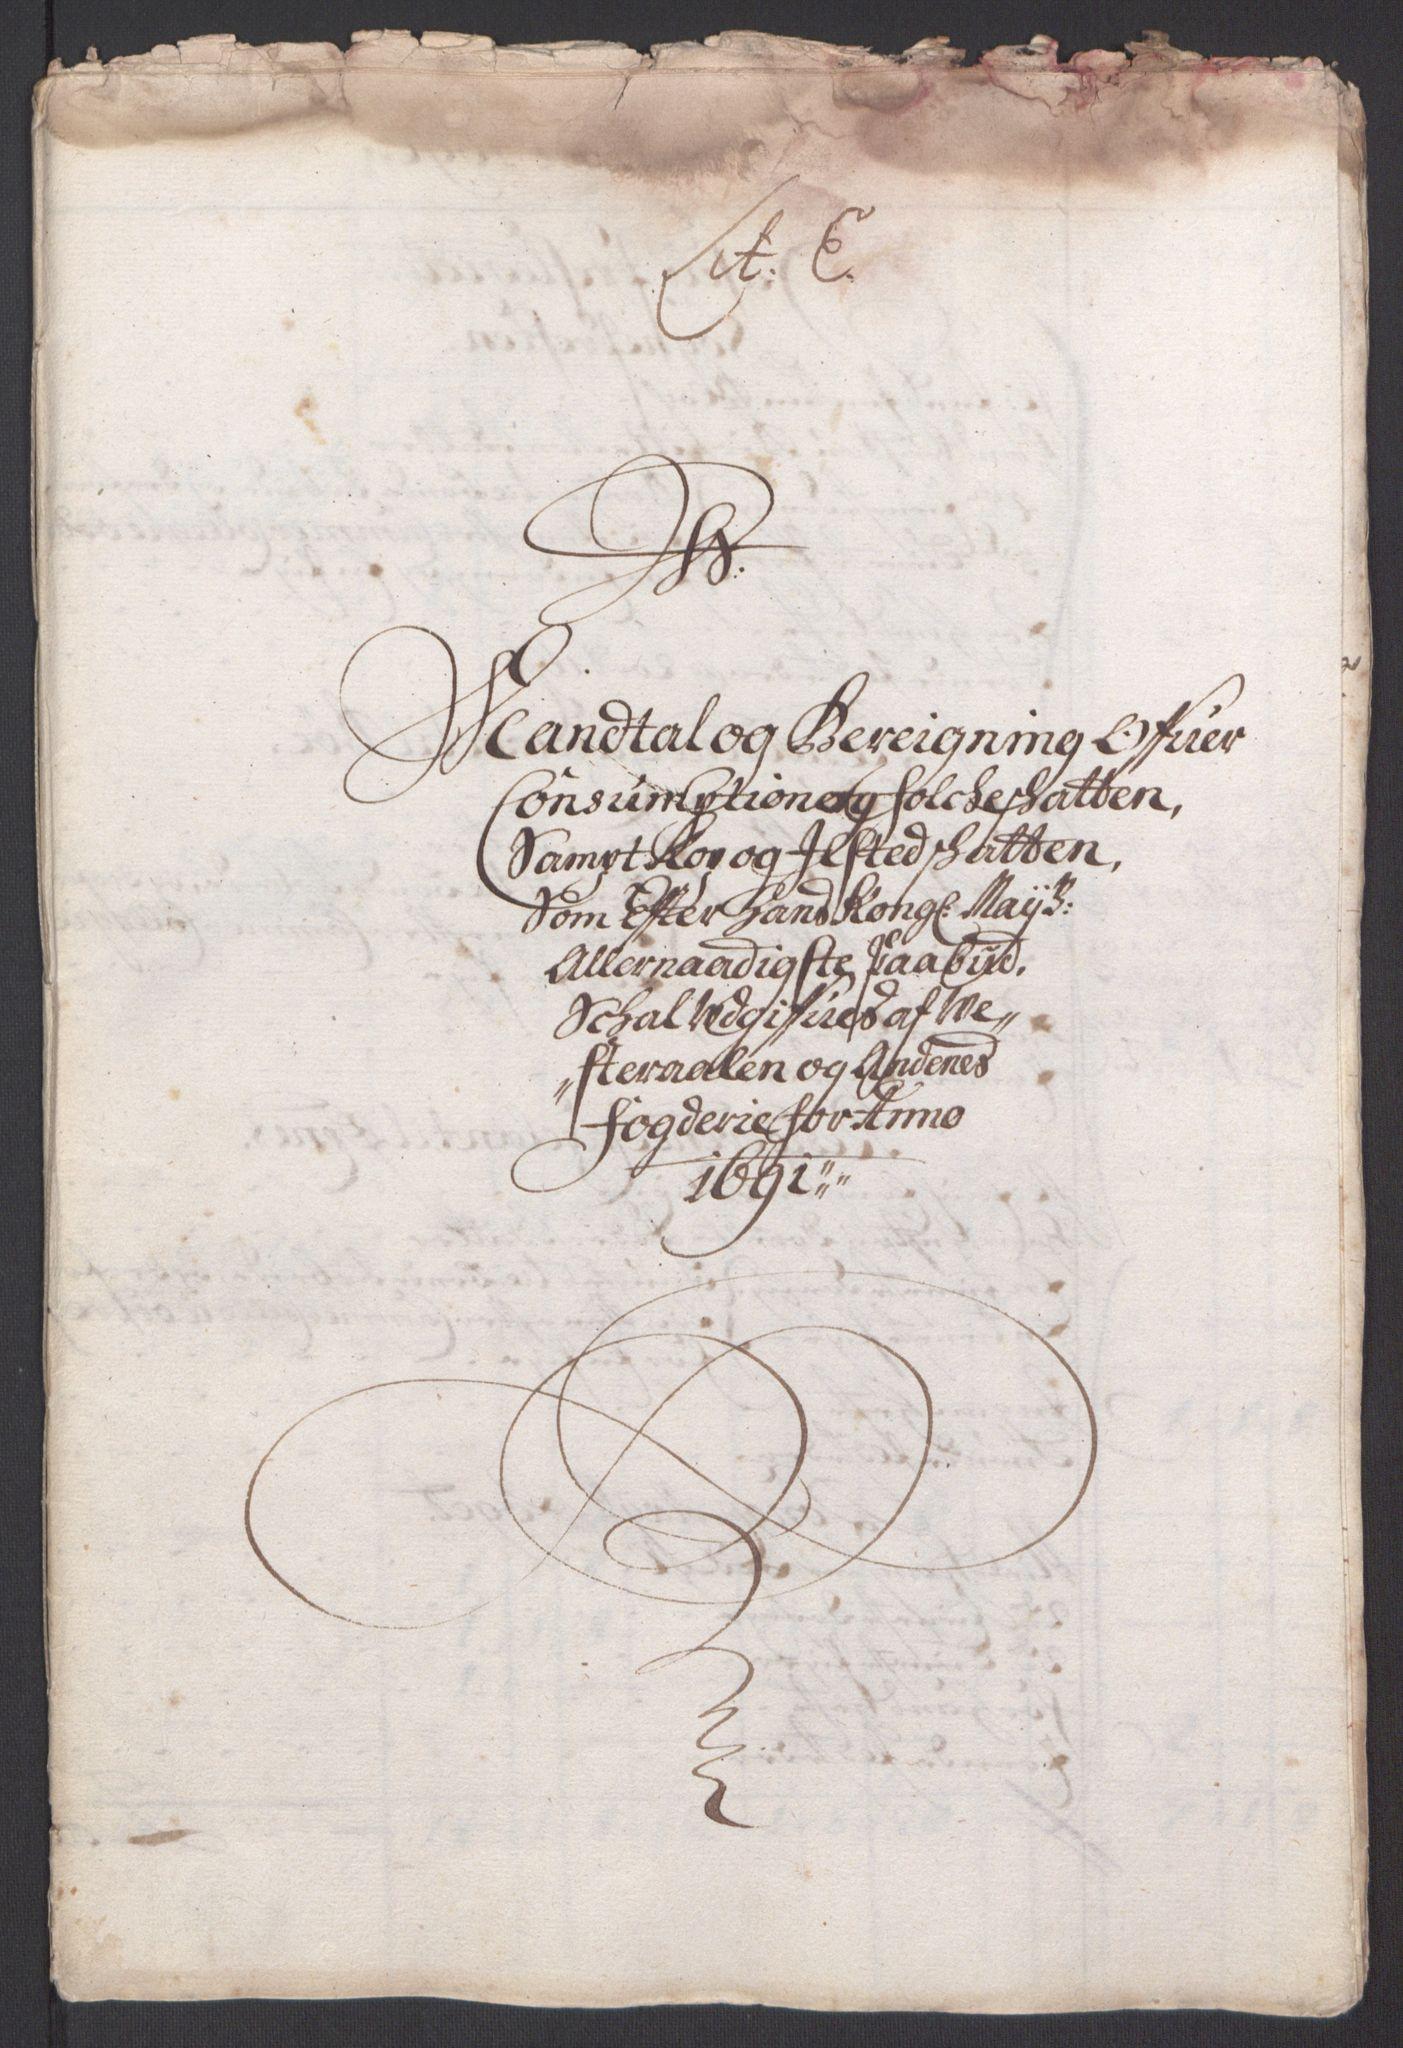 RA, Rentekammeret inntil 1814, Reviderte regnskaper, Fogderegnskap, R67/L4676: Fogderegnskap Vesterålen, Andenes og Lofoten, 1691-1693, s. 32